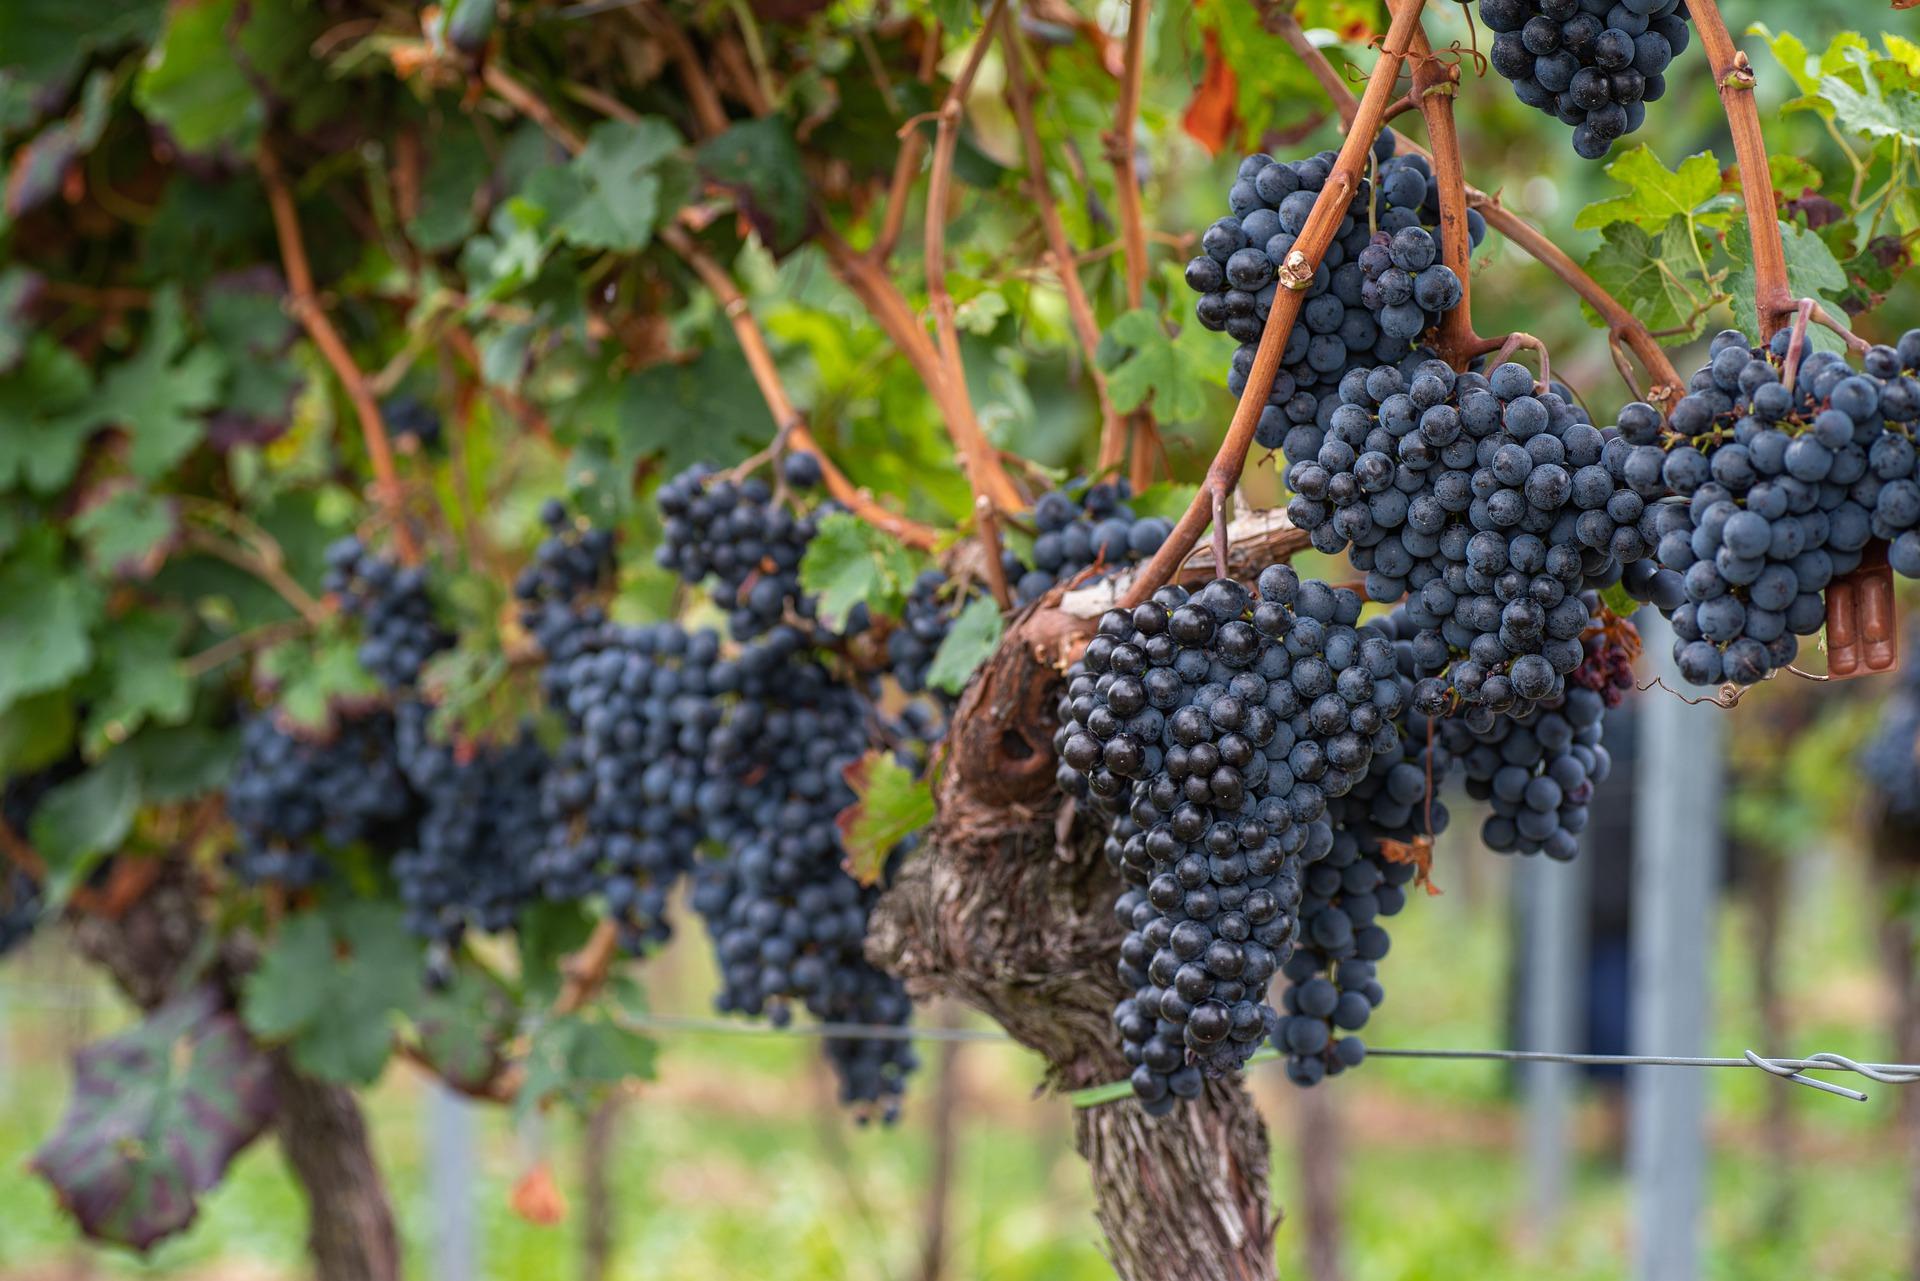 Vendemmia 2019: l'andamento del vino italiano e della produzione siciliana